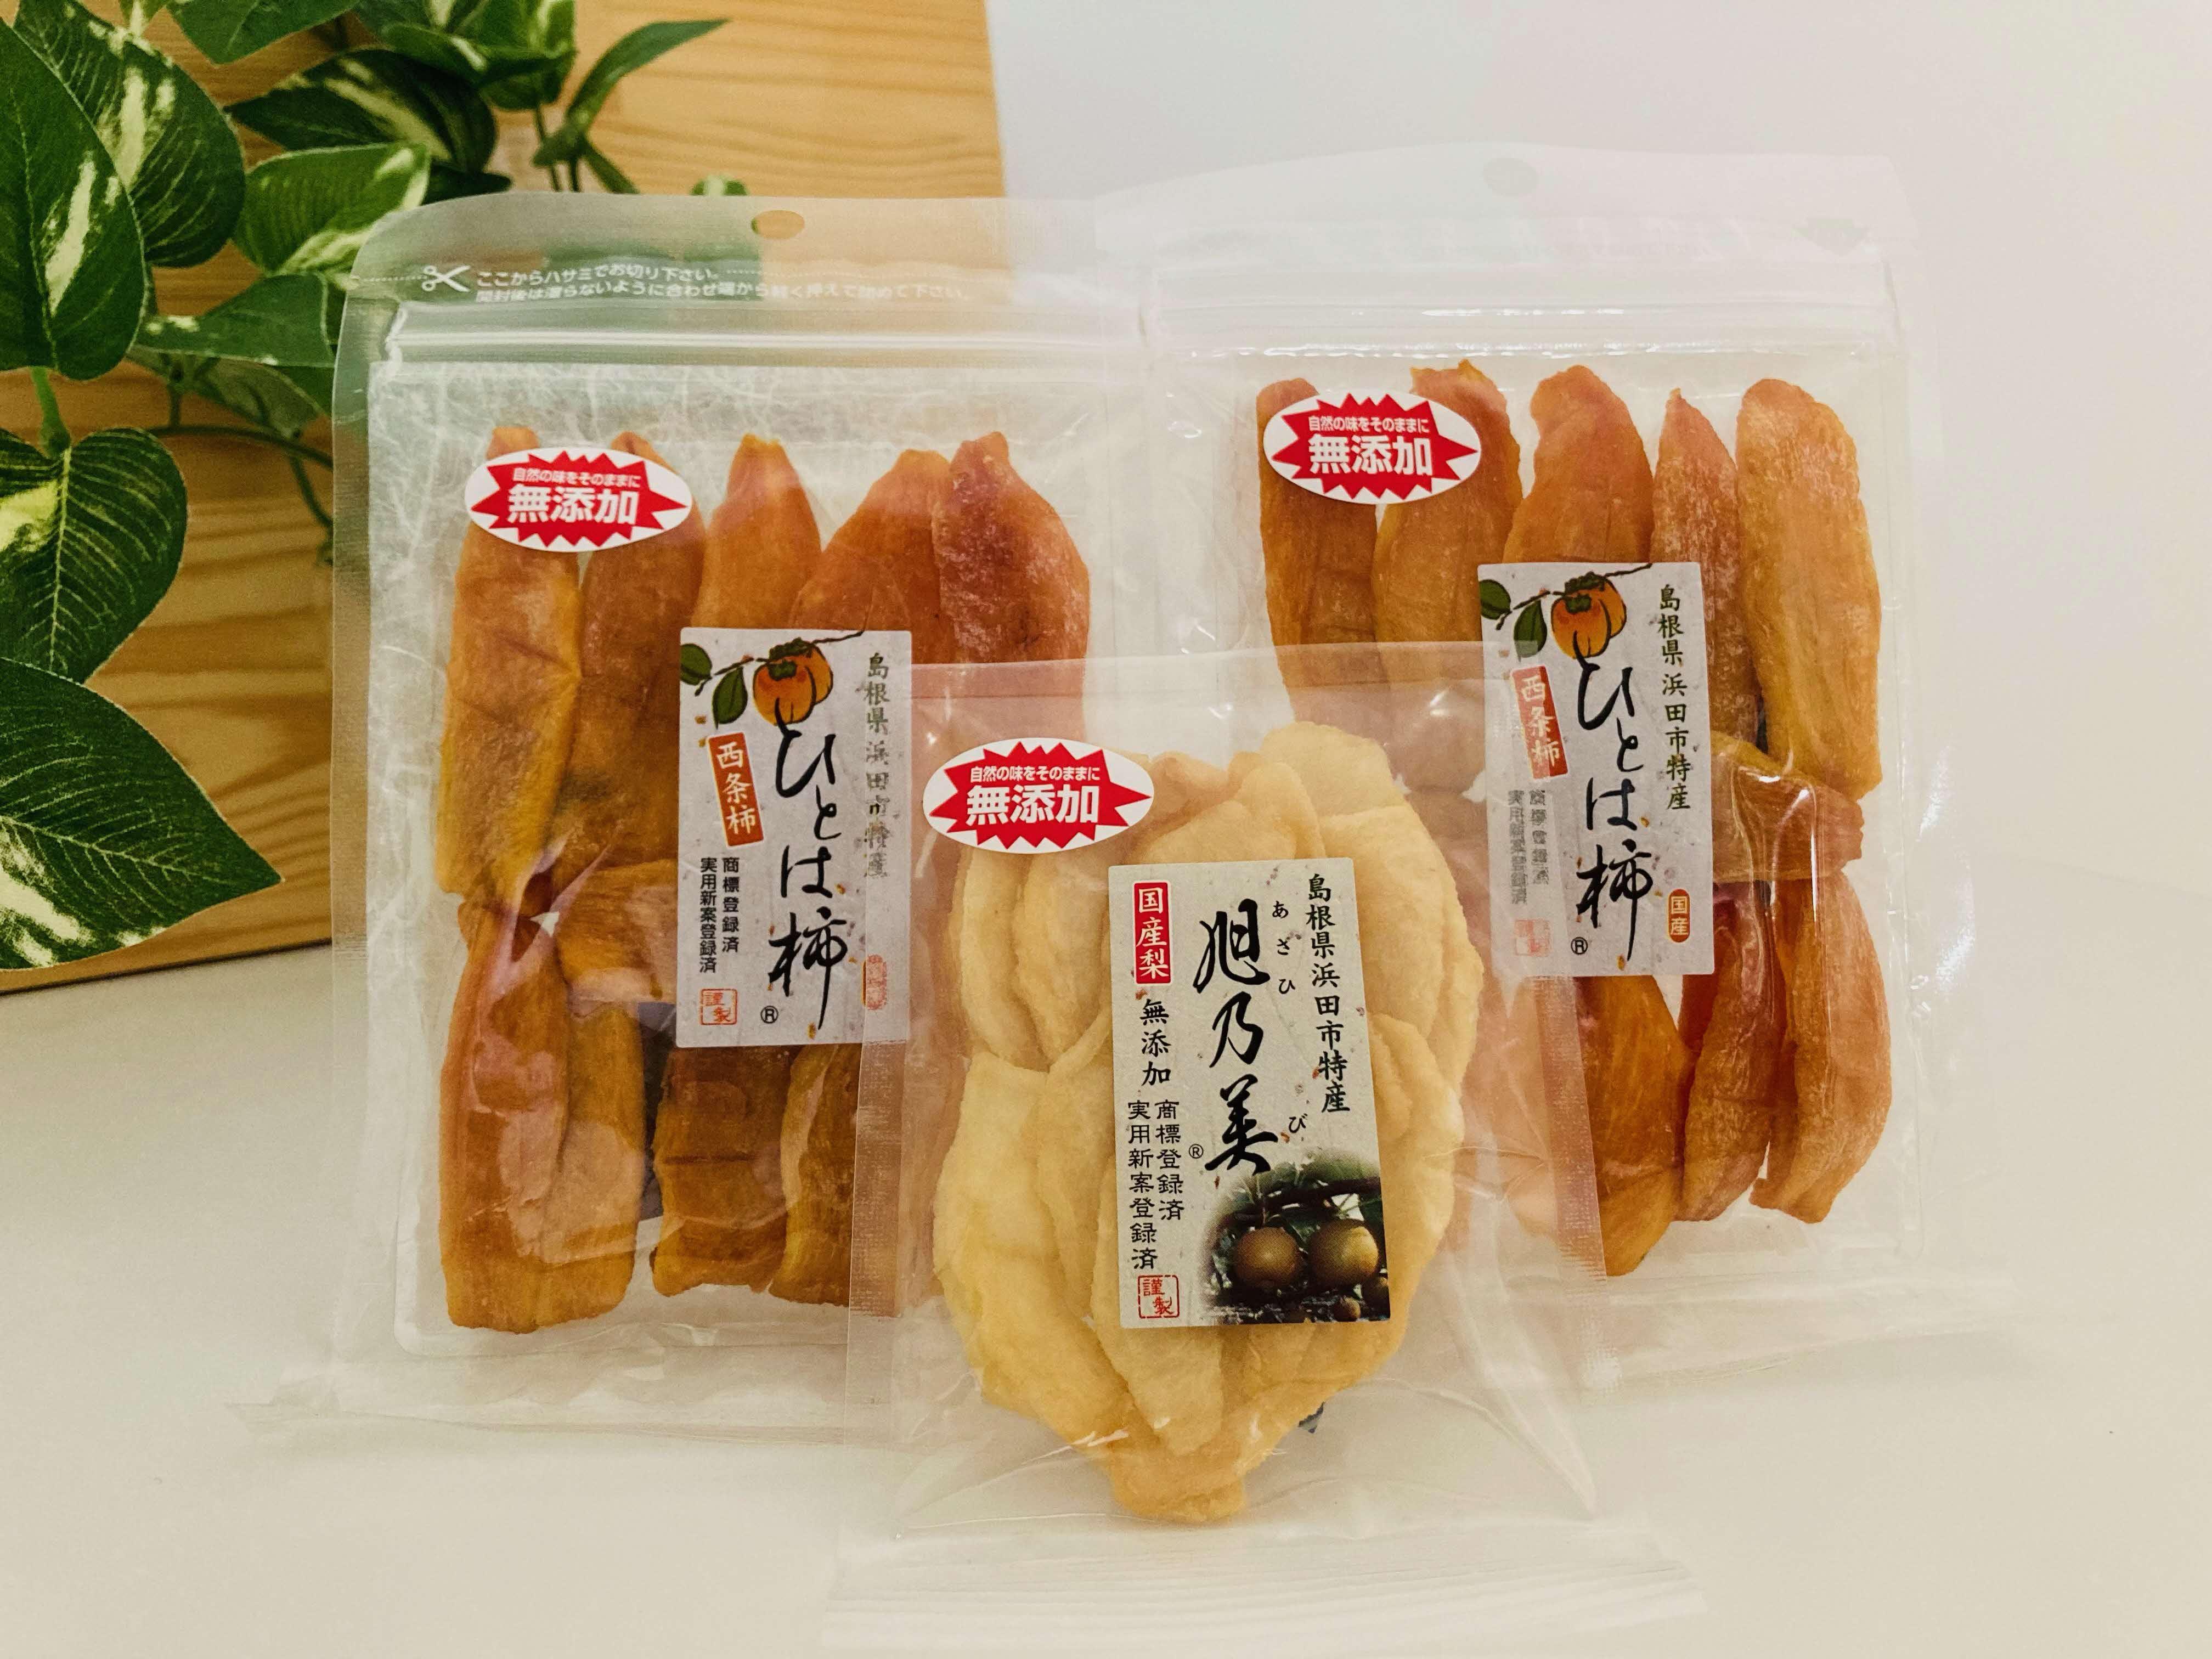 浜田市特産の柿(西条柿)と梨(小袋)のドライフルーツ